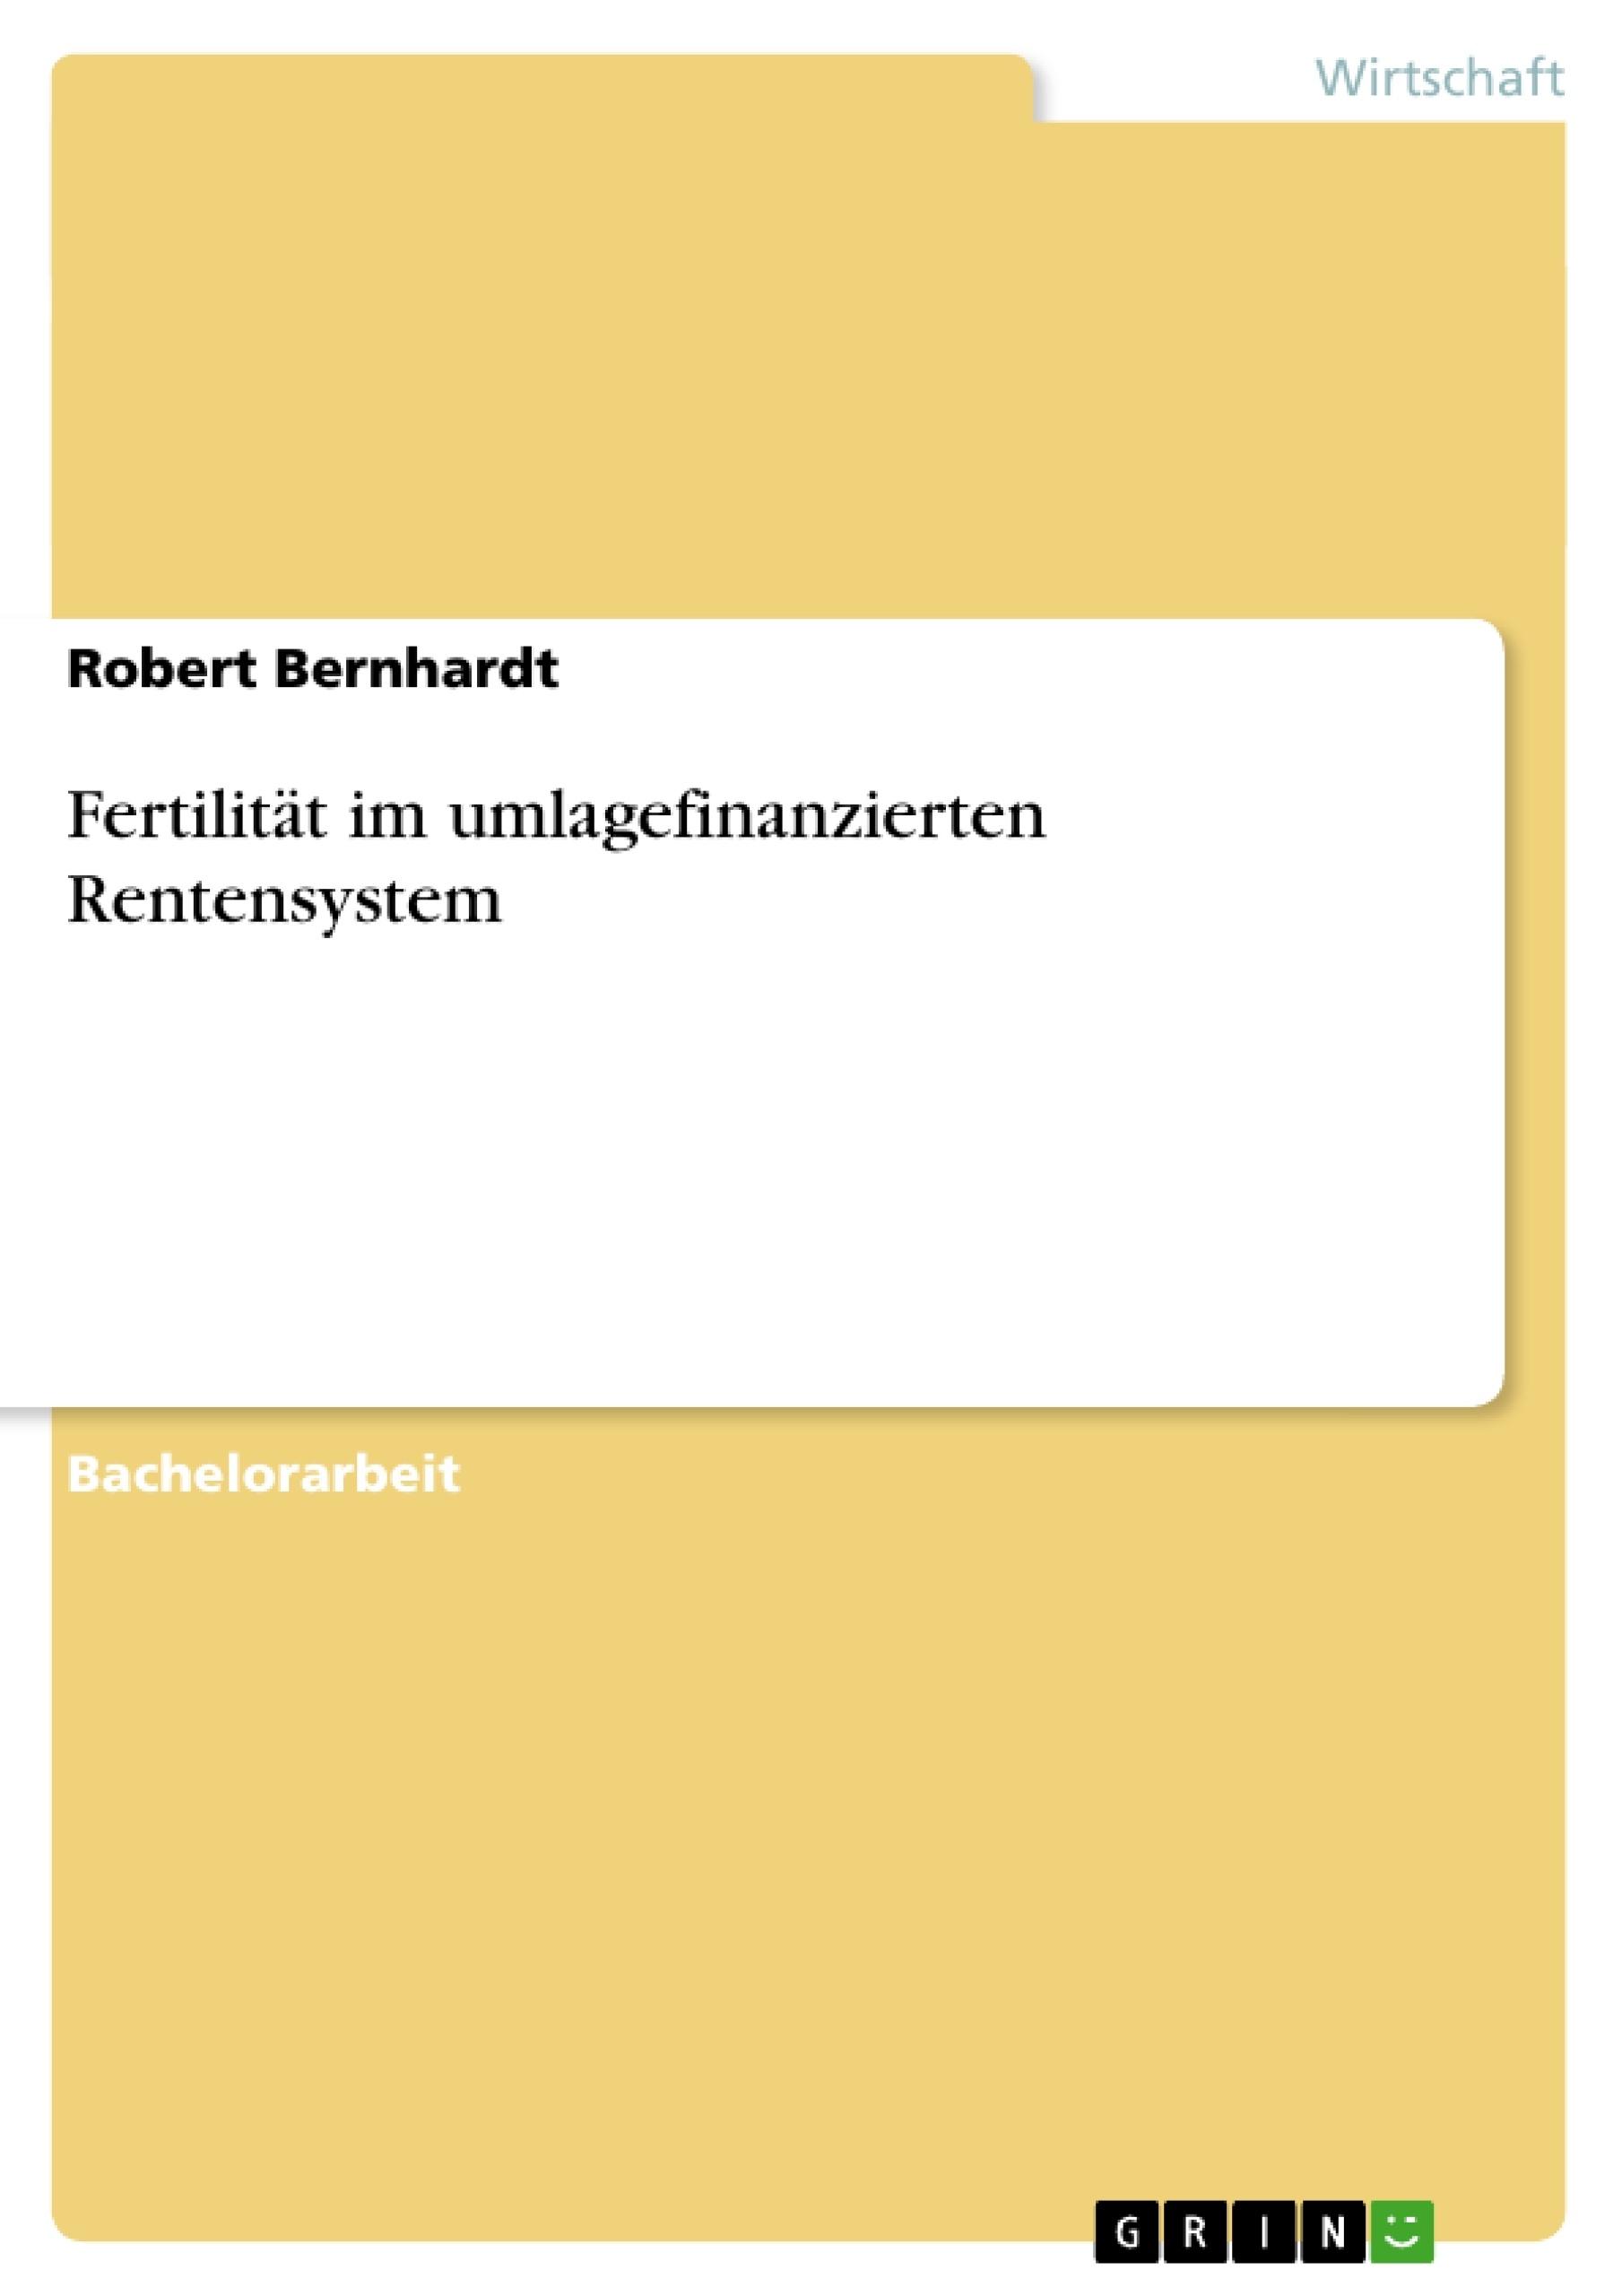 Titel: Fertilität im umlagefinanzierten Rentensystem